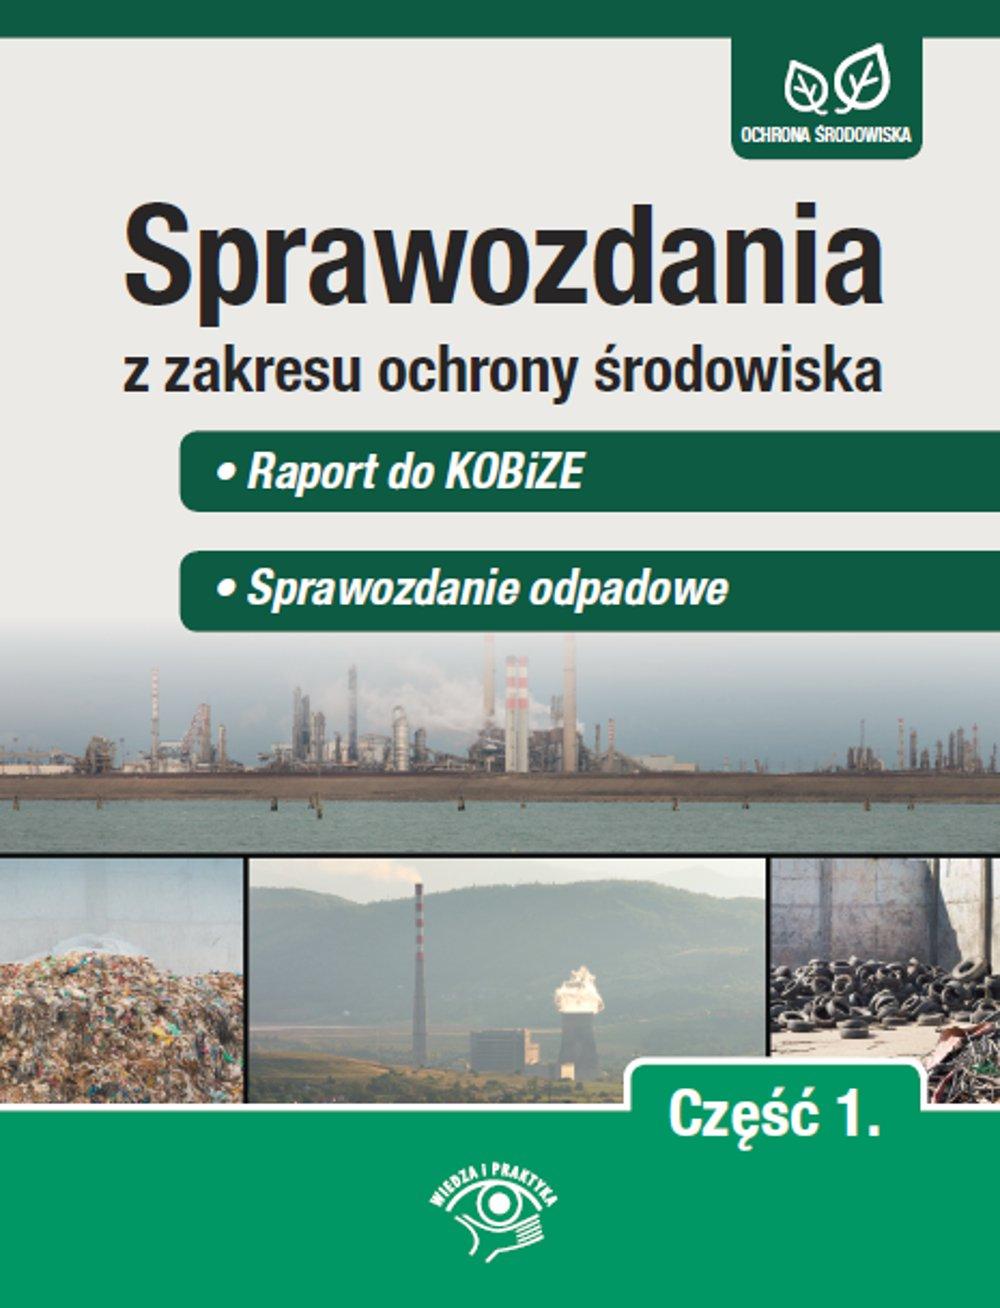 Sprawozdania z zakresu ochrony środowiska Część 1. Raport do KOBiZE. Sprawozdanie odpadowe - Ebook (Książka EPUB) do pobrania w formacie EPUB